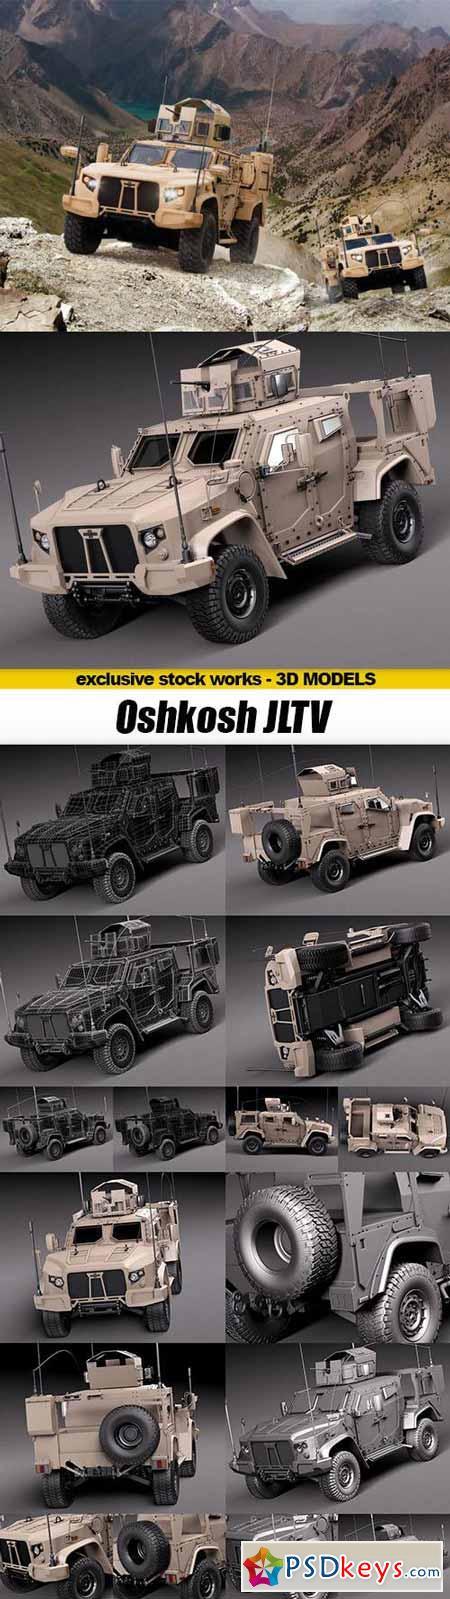 GTRader 3D MODELS - Oshkosh JLTV